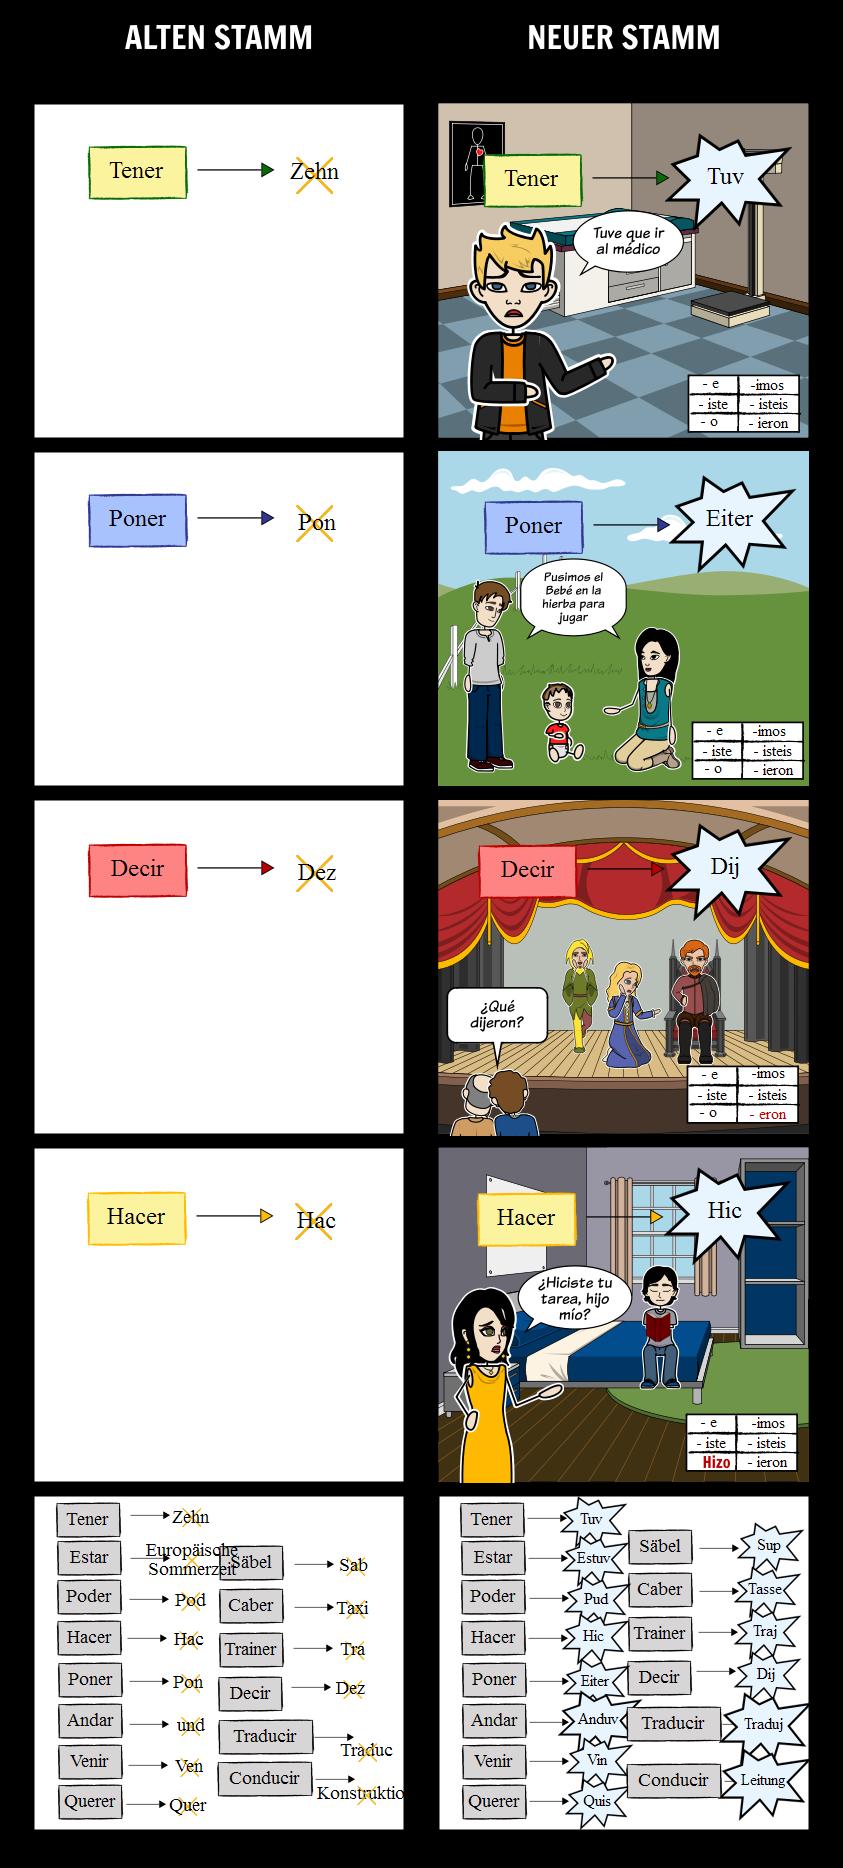 Spanisch Preterite | Past Tense Spanisch | Estar-Preterit-Endungen